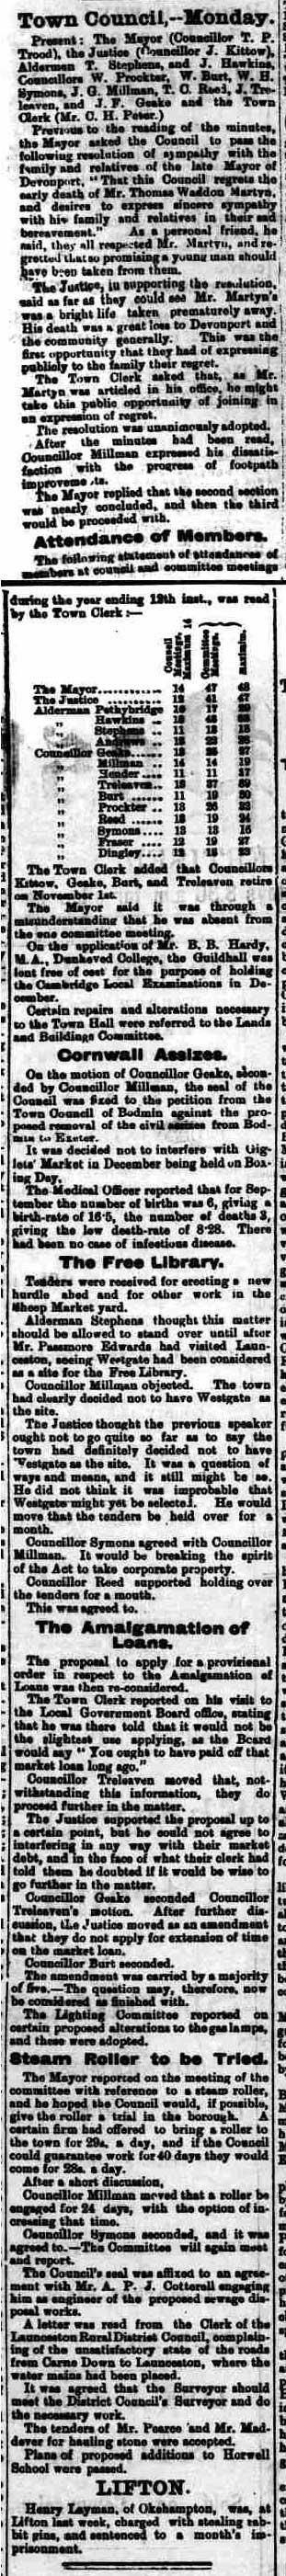 17 October 1896